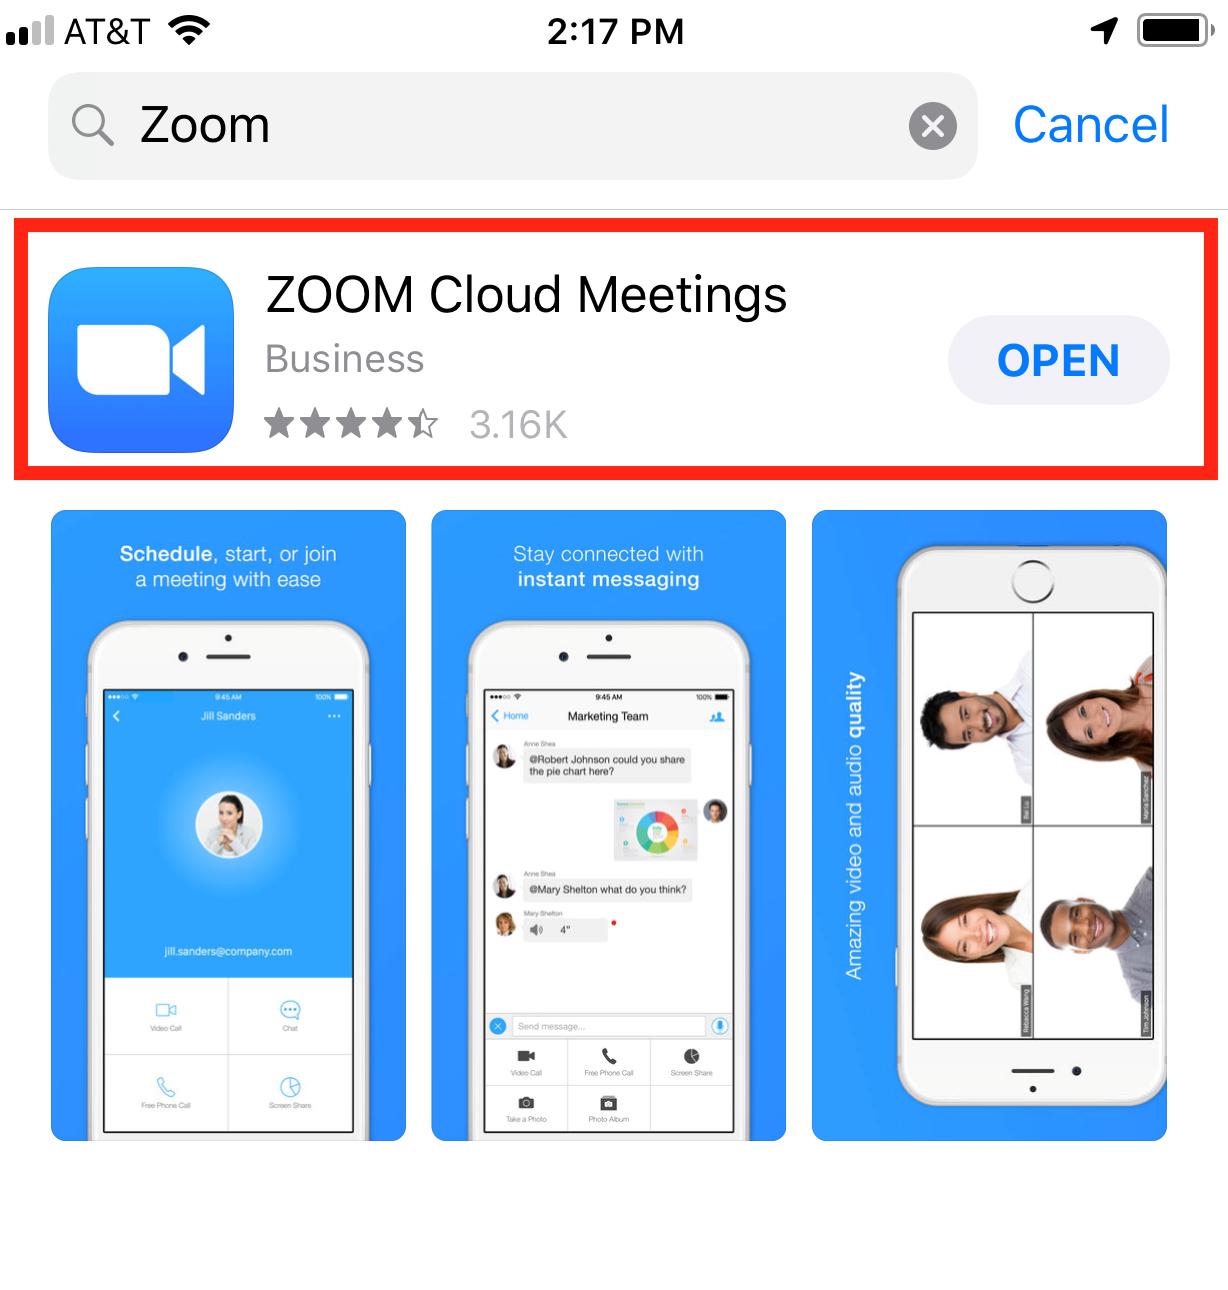 Cách sử dụng Zoom trên điện thoại